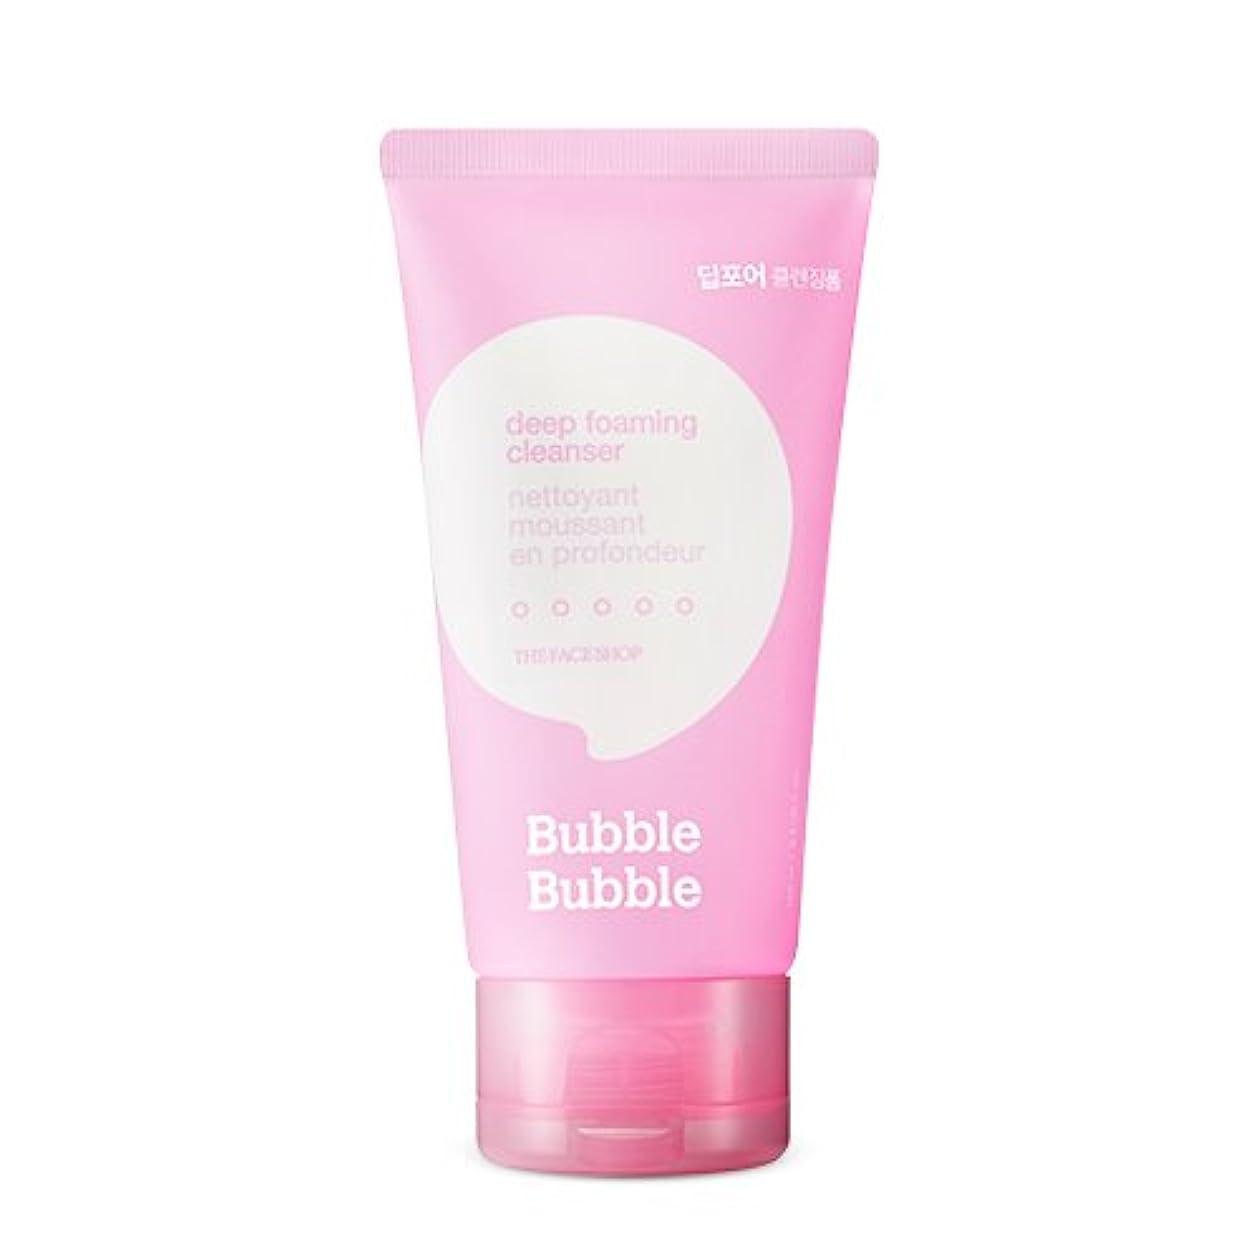 人気言い聞かせる隠すTHE FACE SHOP Bubble Bubble Foaming Cleanser 100ml/ザフェイスショップ バブル バブル フォーミング クレンザー 100ml (#Deep(ディープポア)) [並行輸入品]